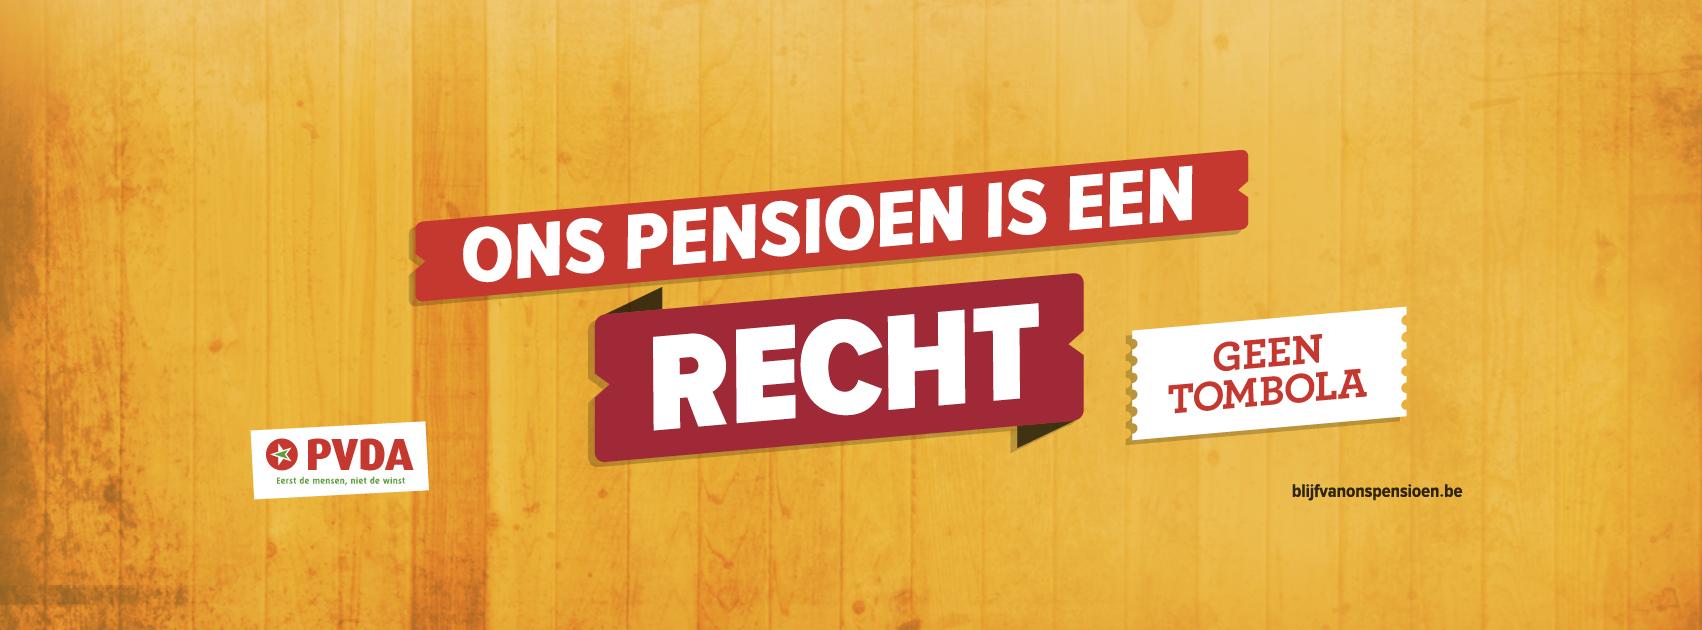 FB_F08_omslag_1702x630_pensioencampagne_NL.jpg